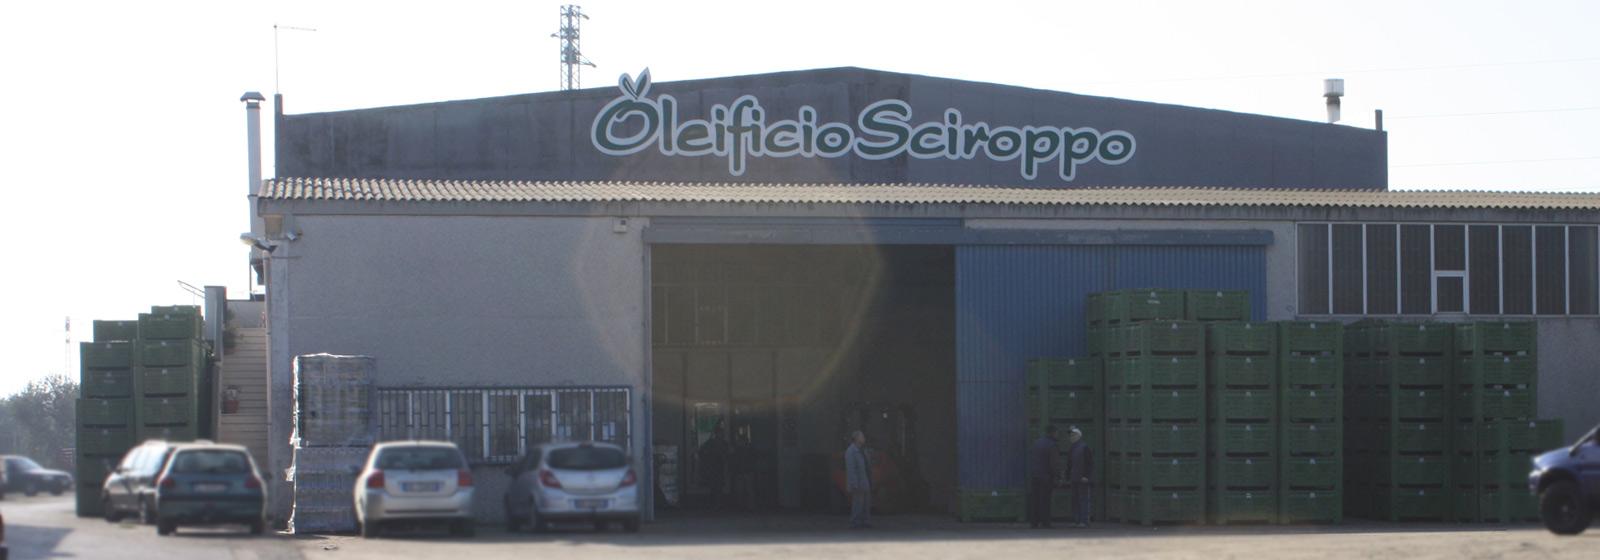 sciroppo_frantoio1